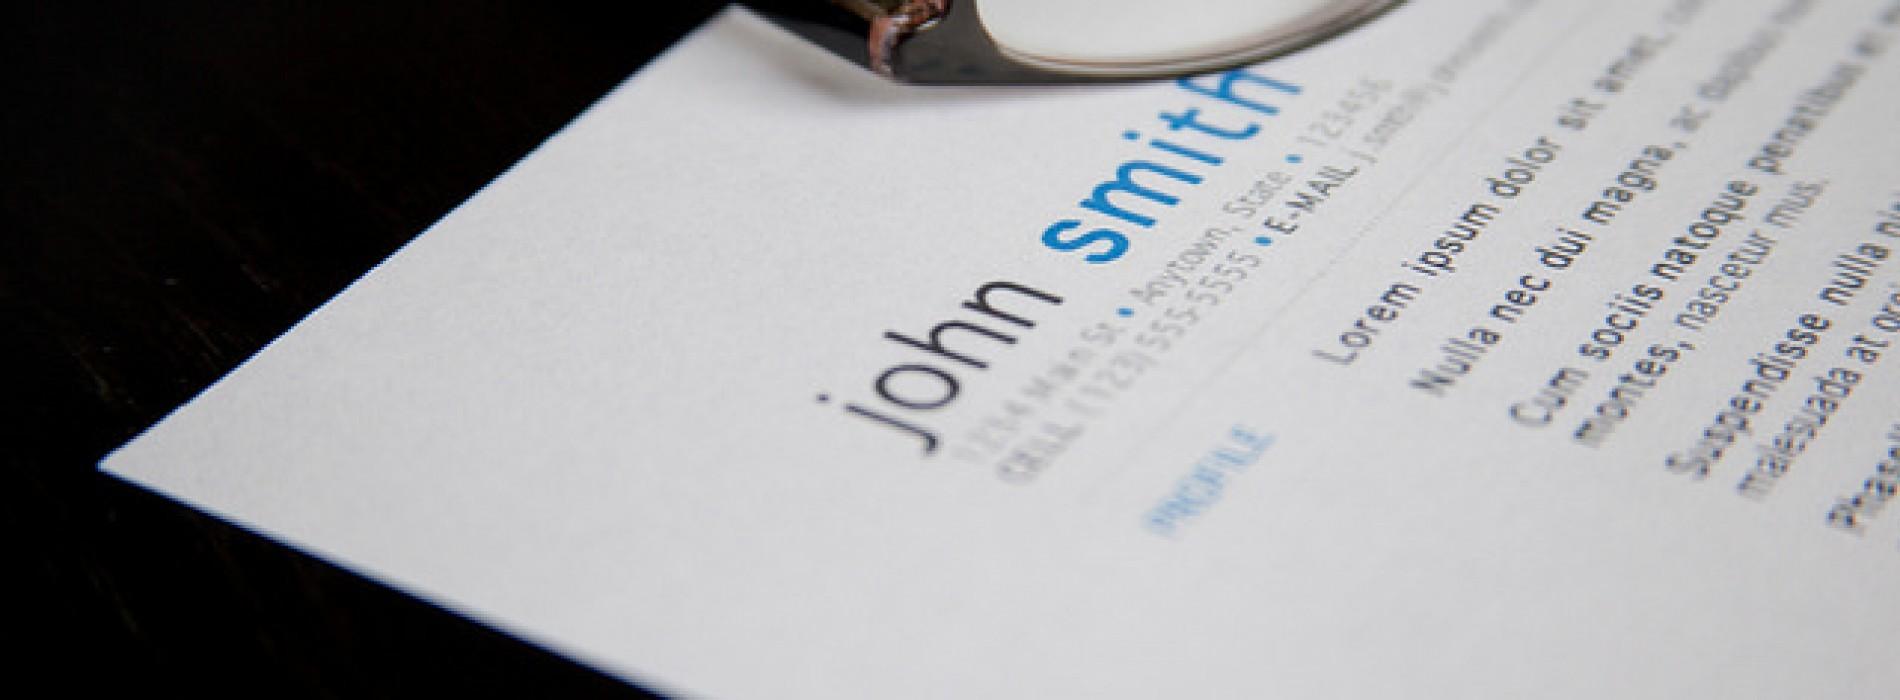 3 нелепи грешки в CV-то, които могат да ви изиграят лоша шега